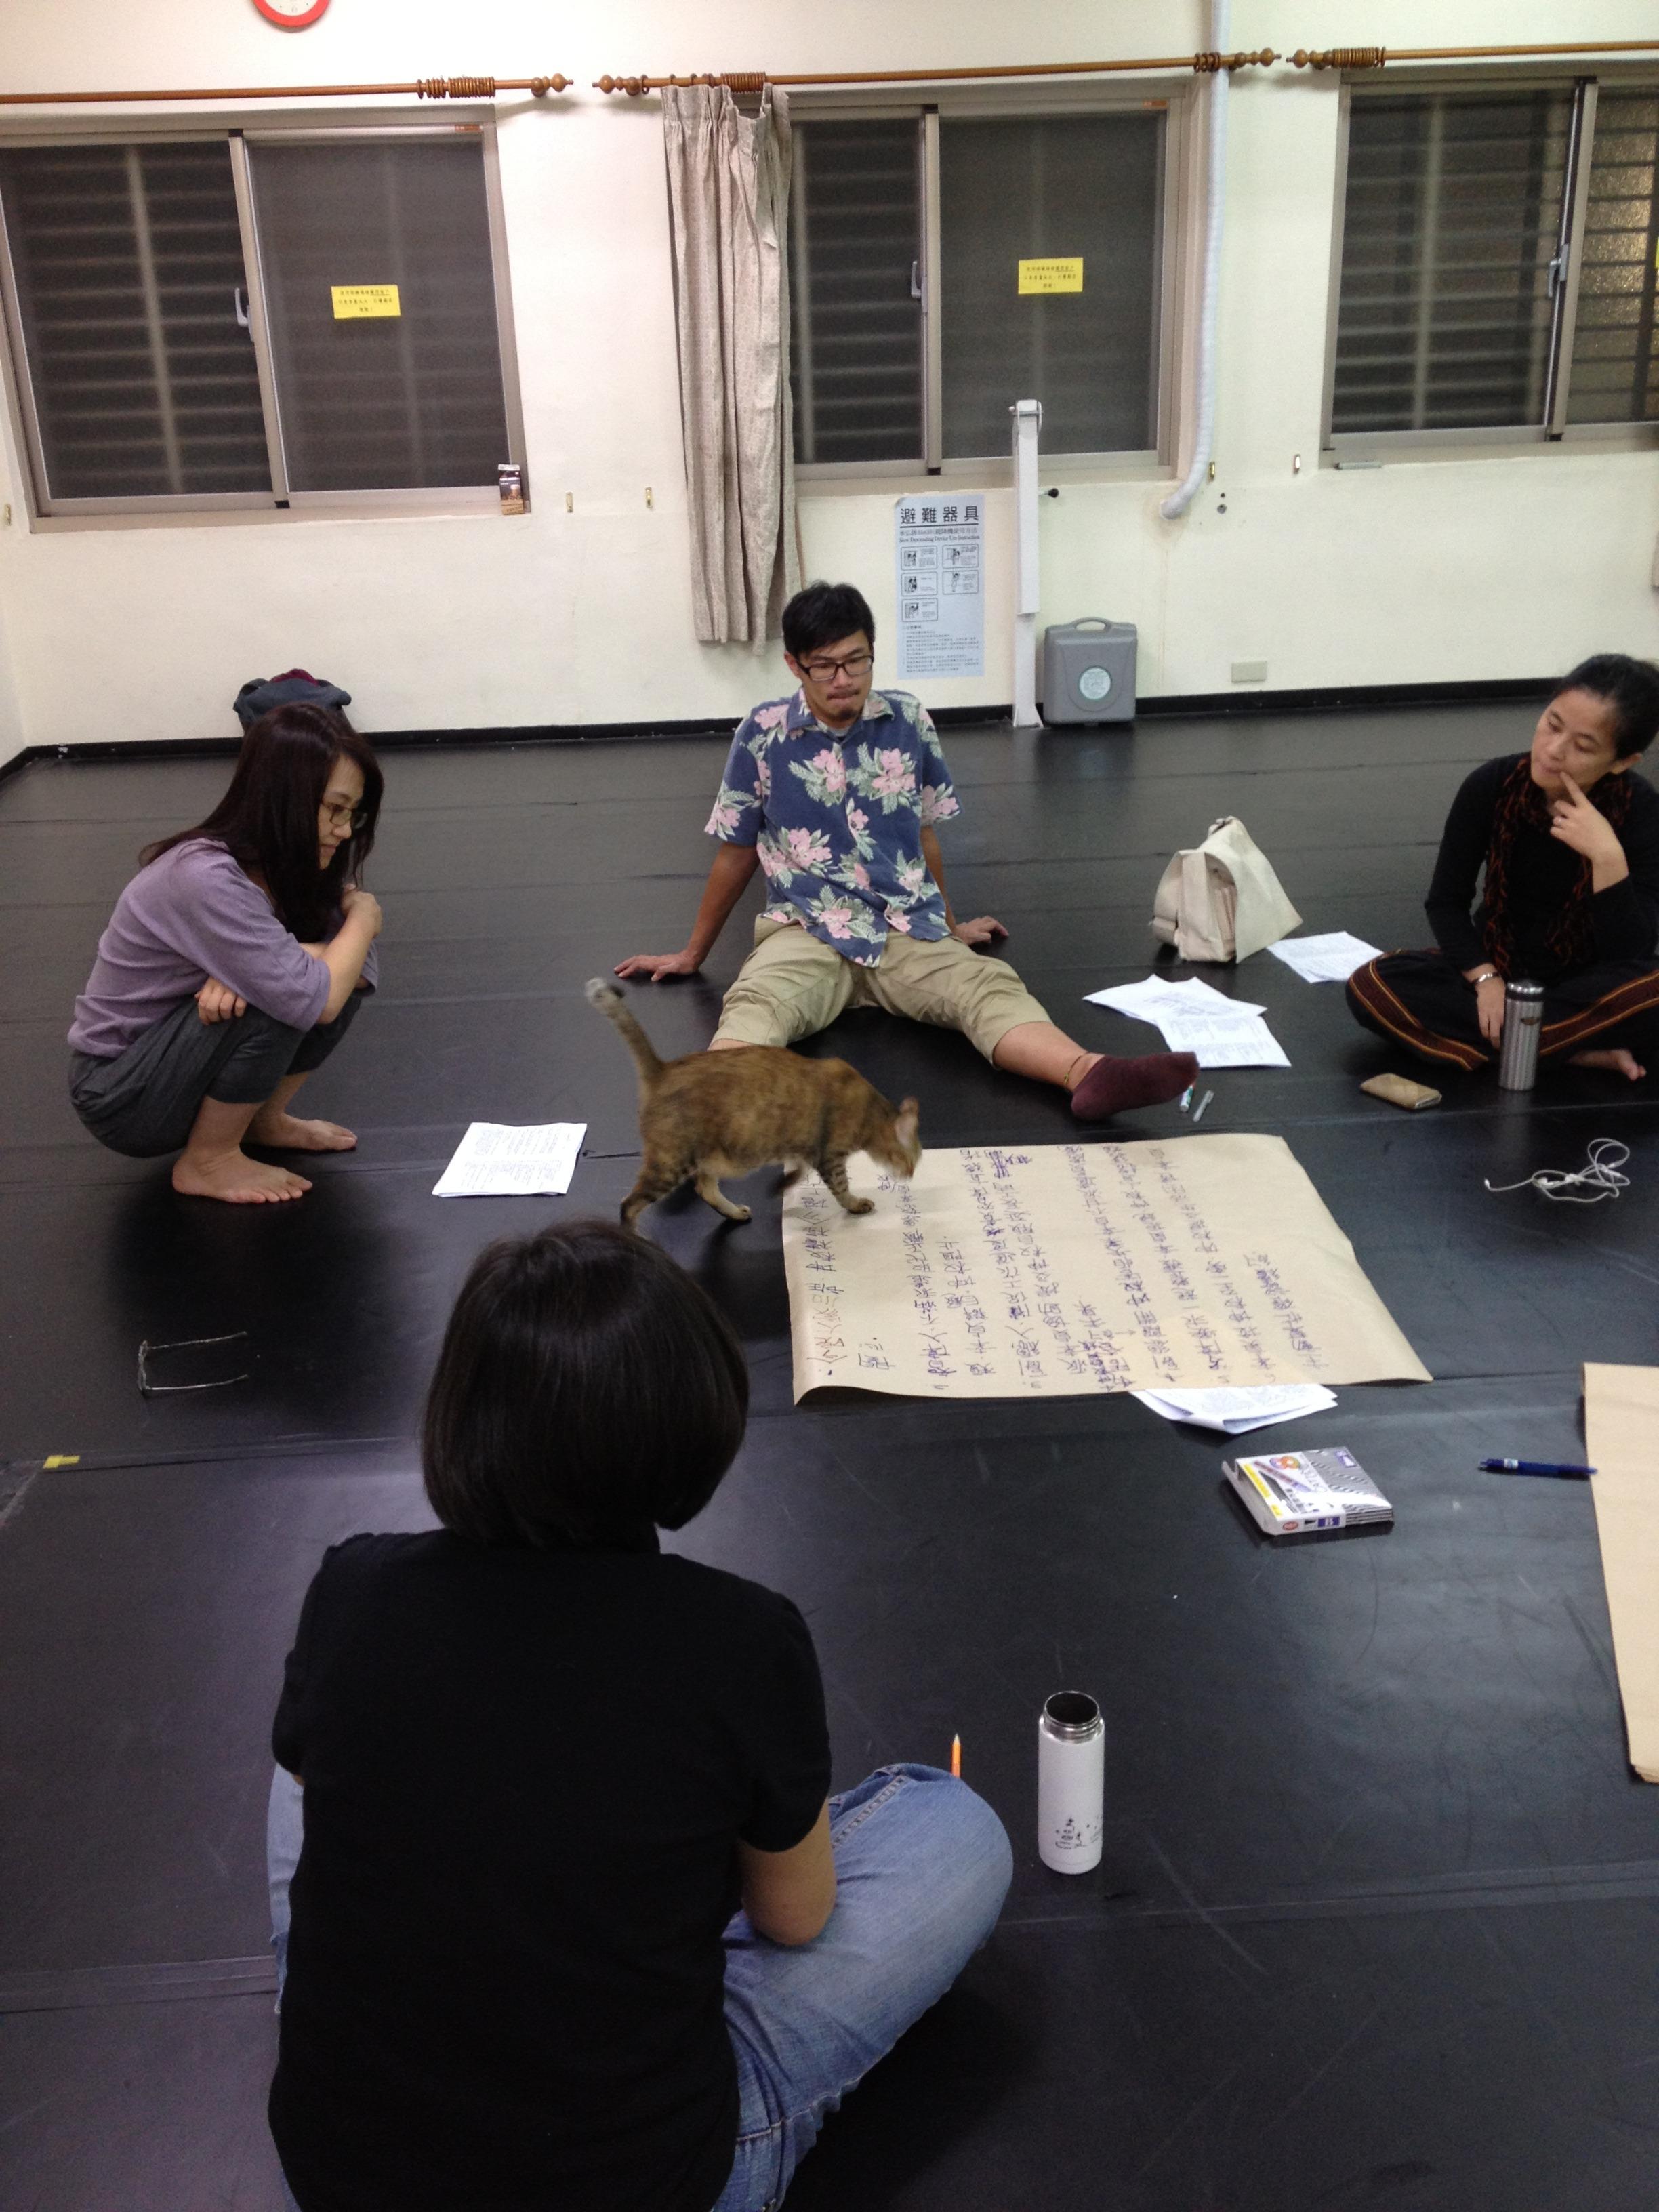 2012論壇劇場大戲《一僱二主》製作團隊直擊